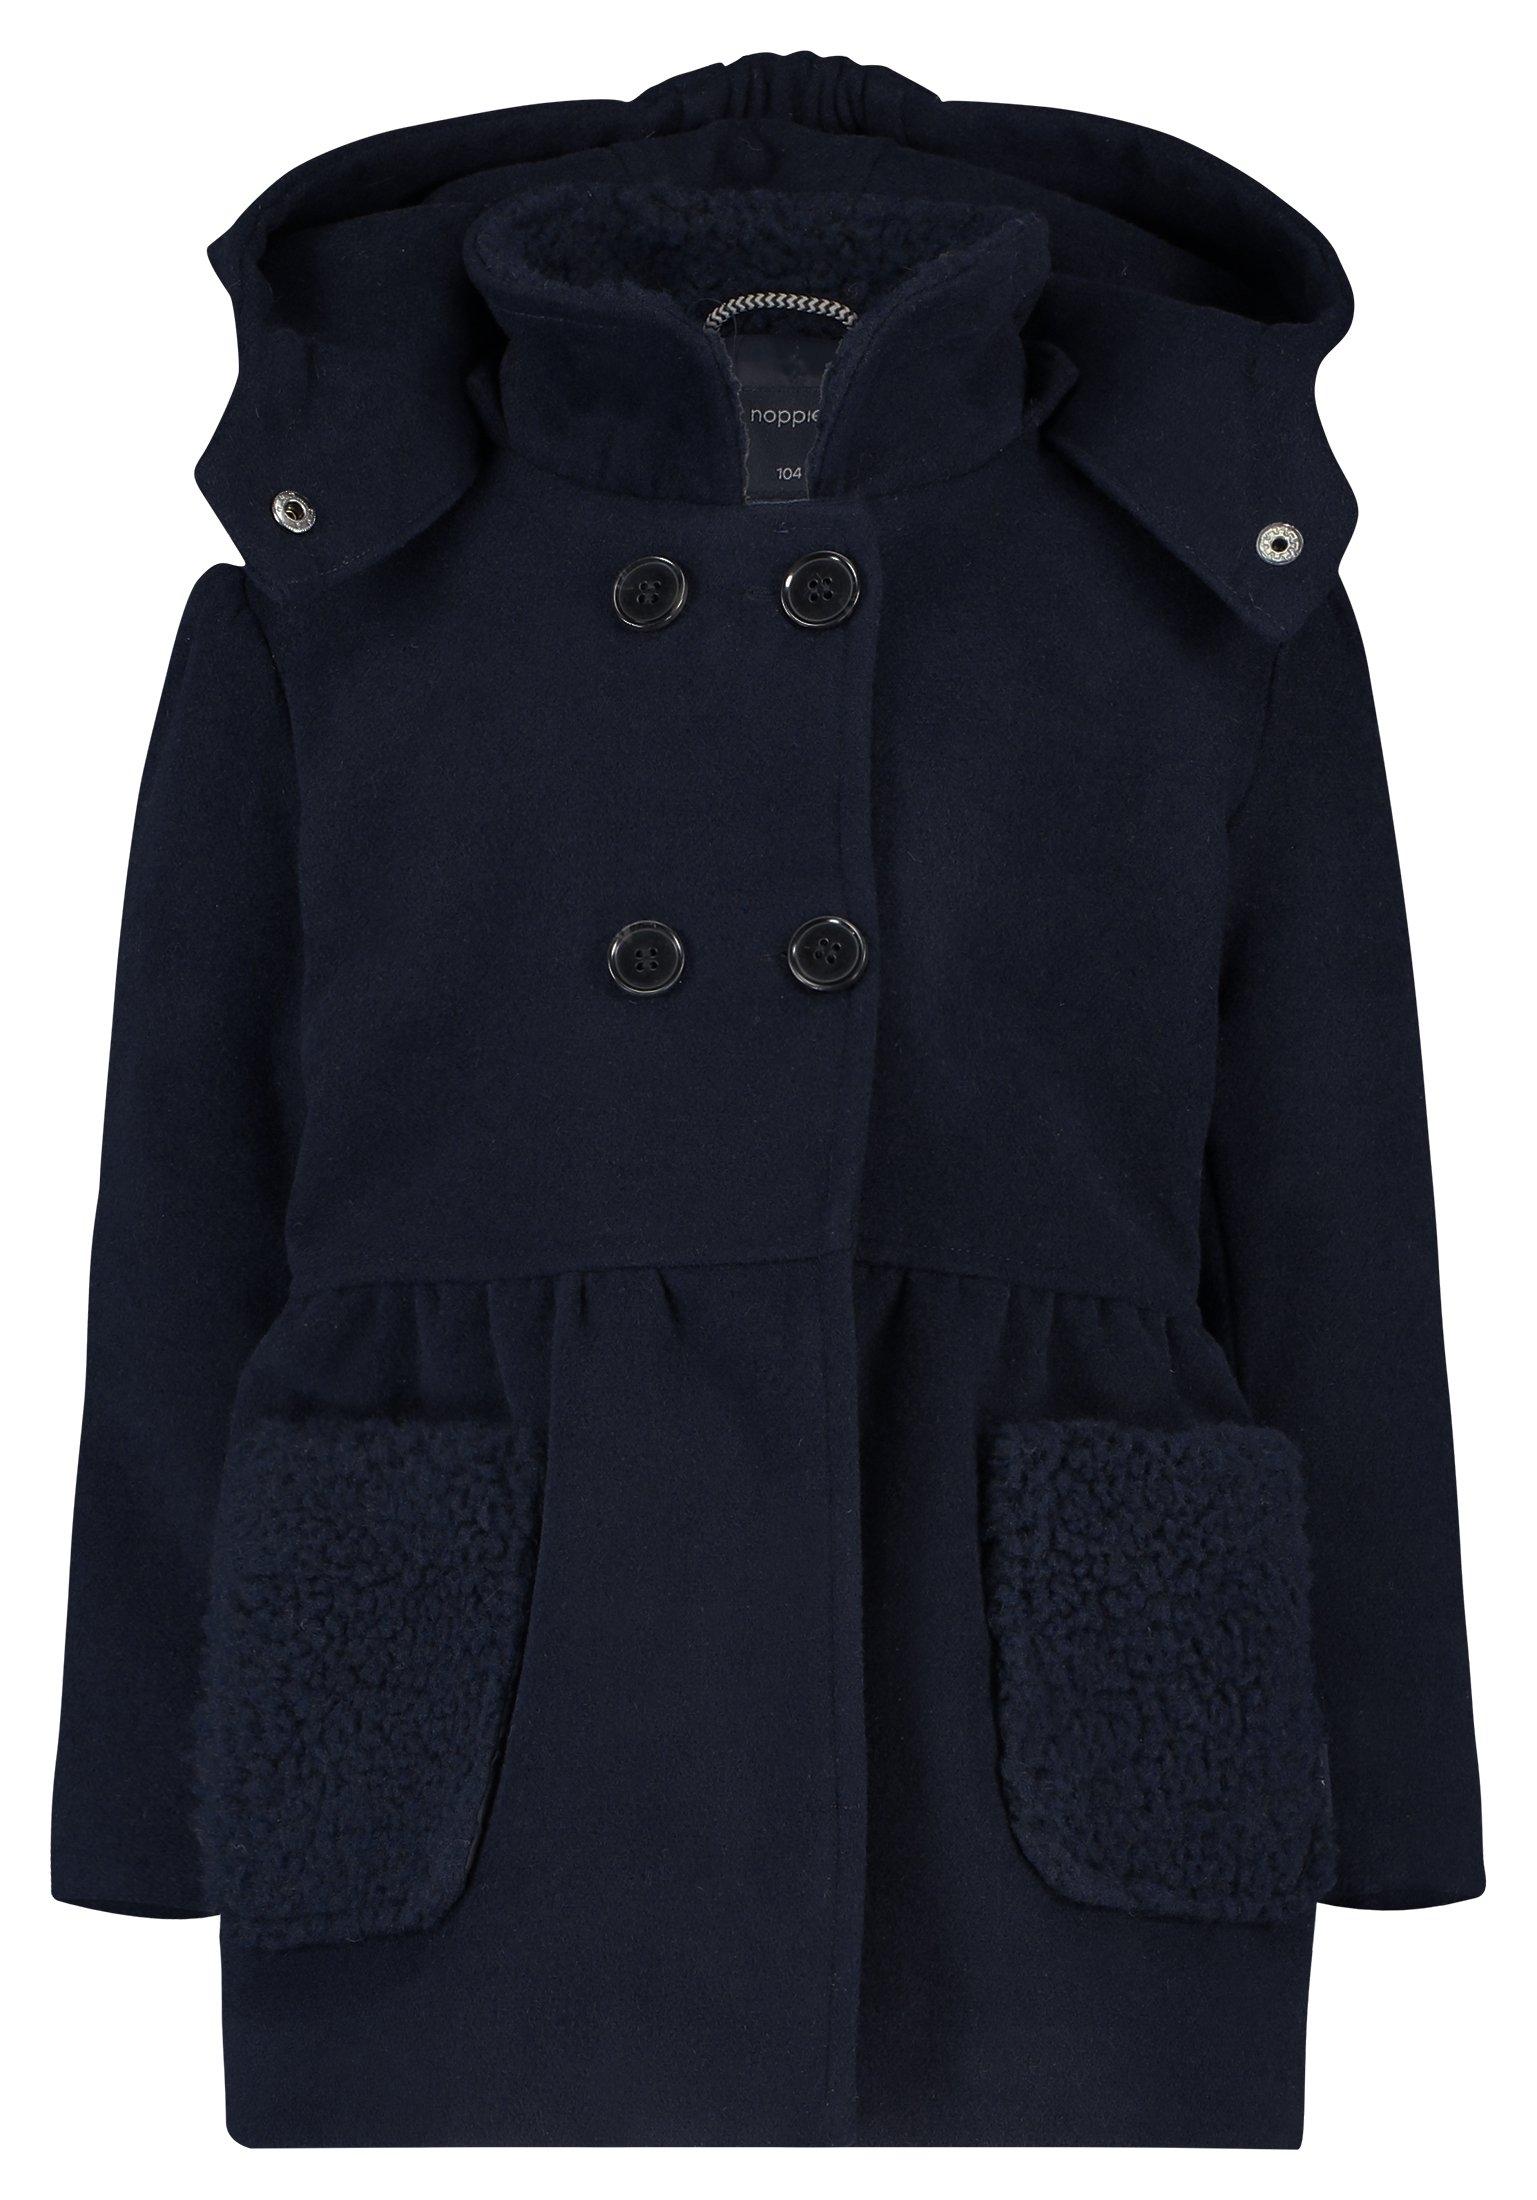 Noppies winterjas »Bettendorf« bij OTTO online kopen